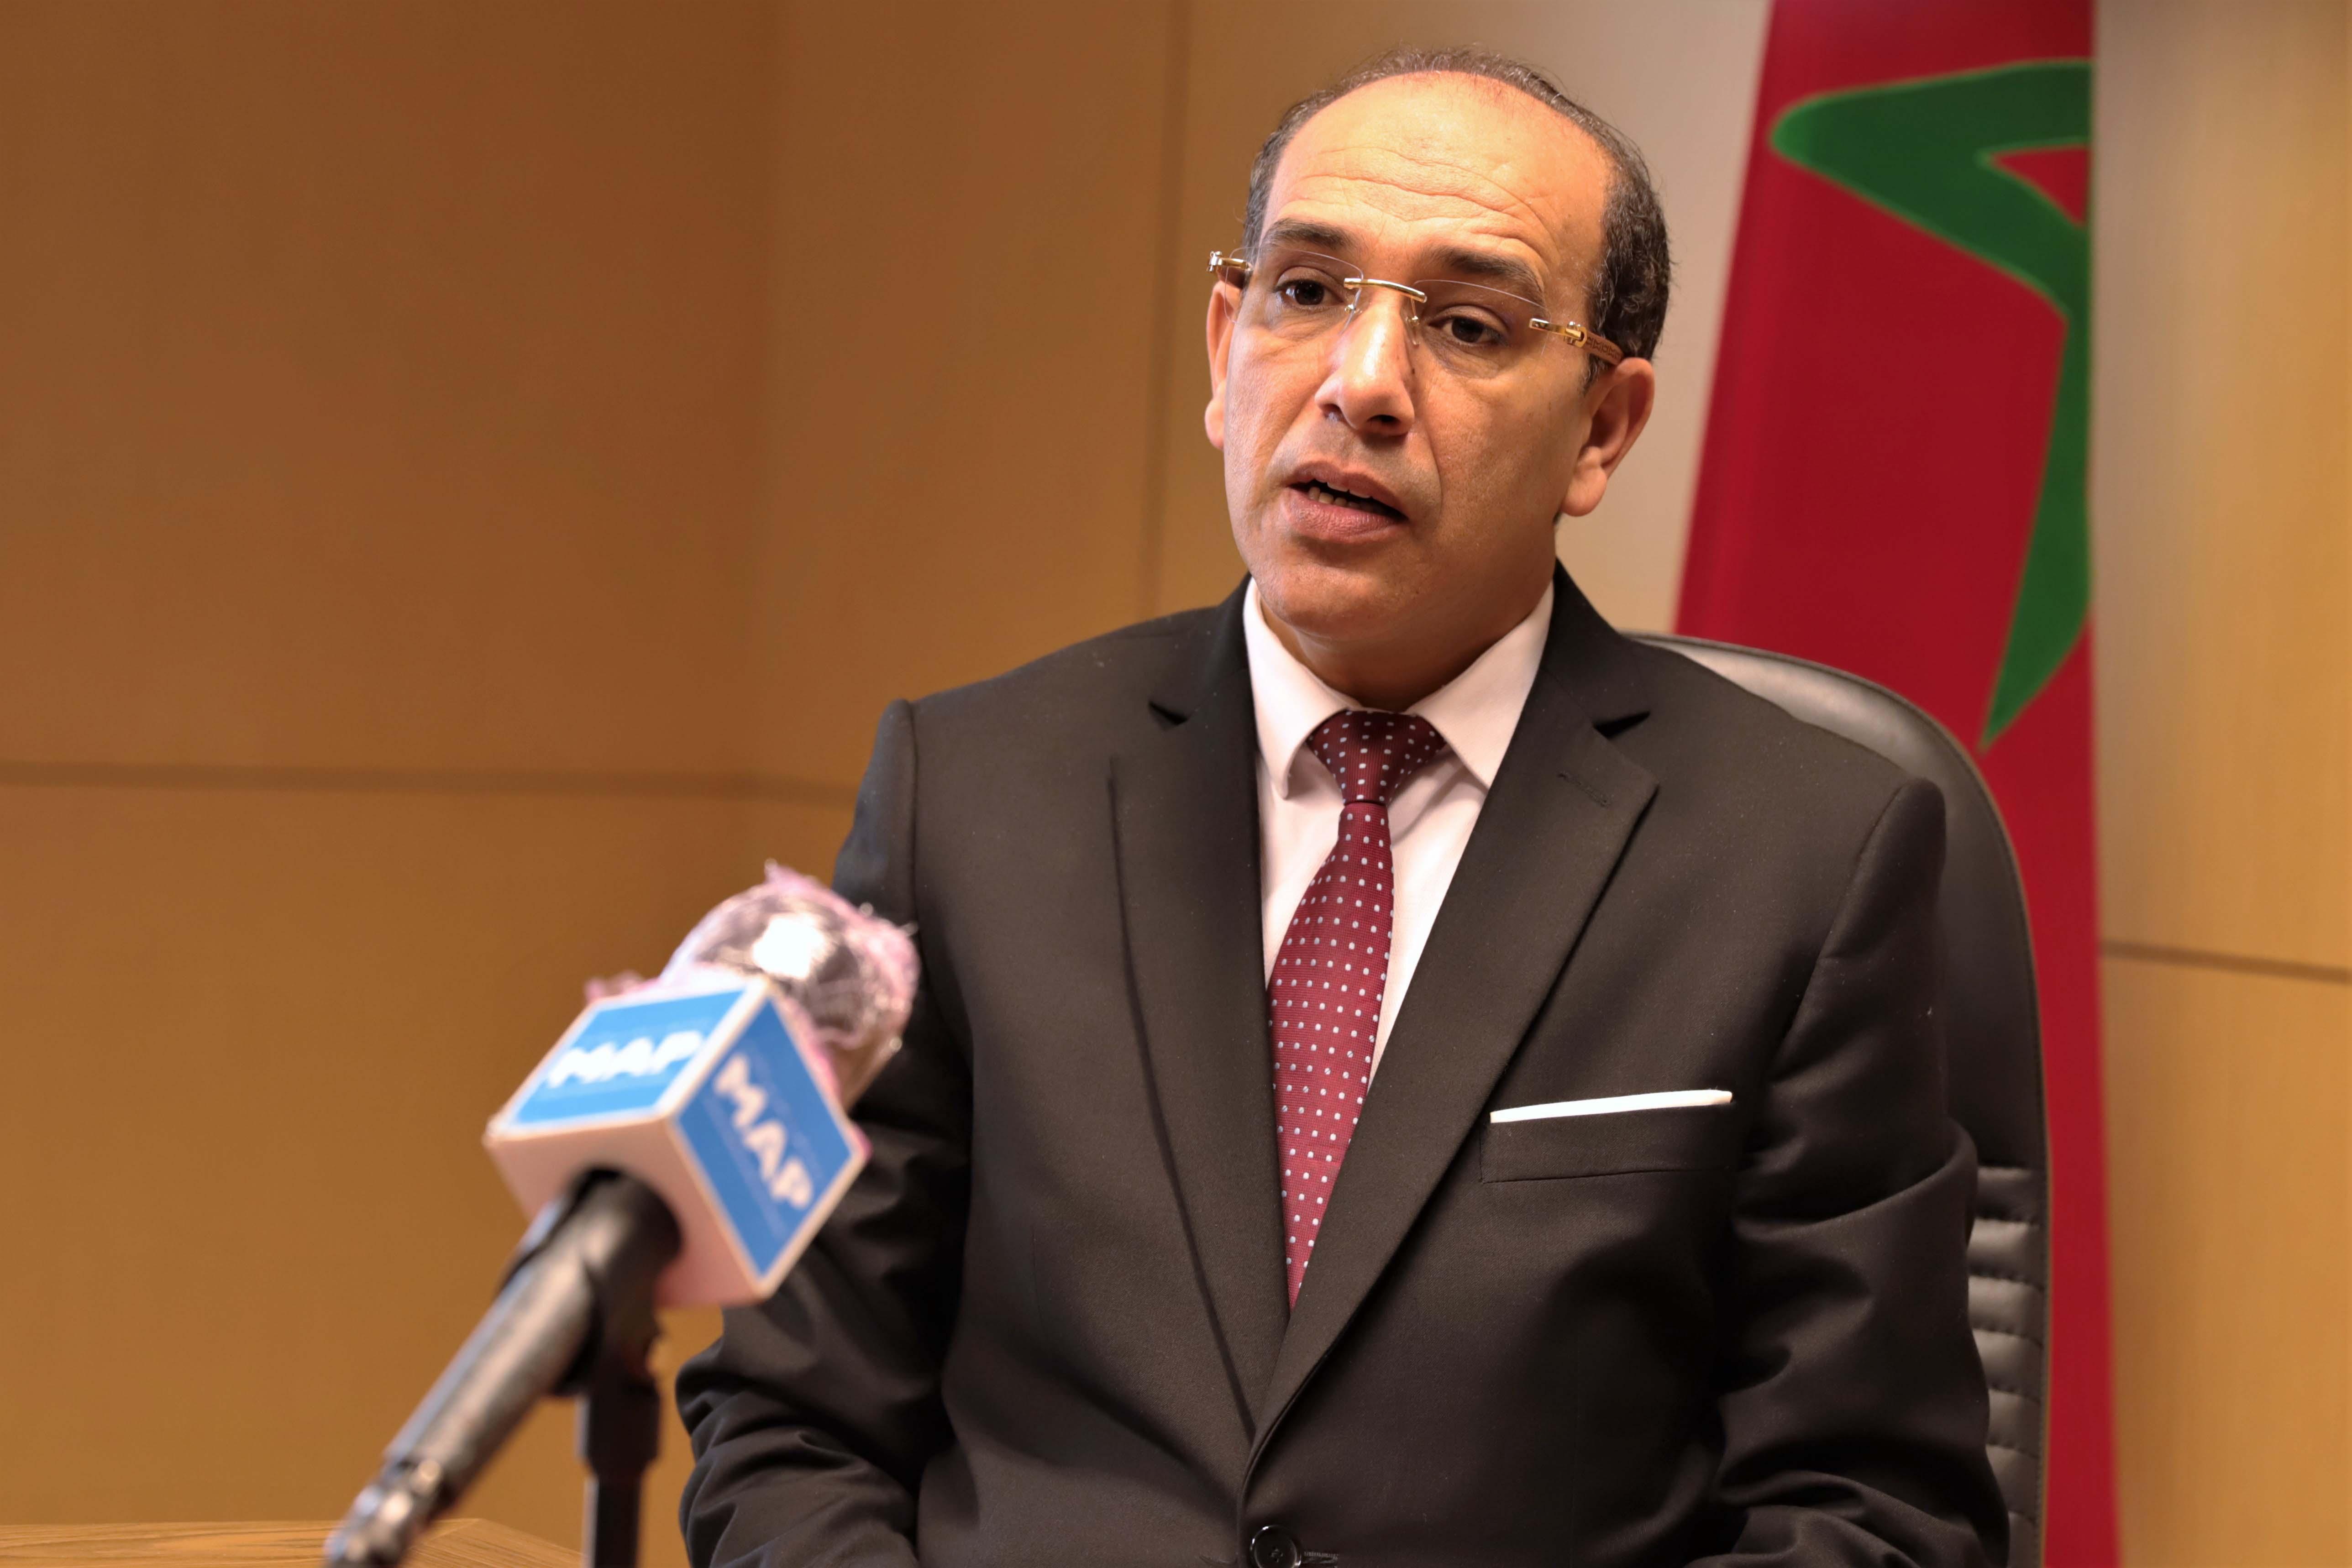 Le secrétaire général de la Présidence du Ministère public, Hicham Balaoui